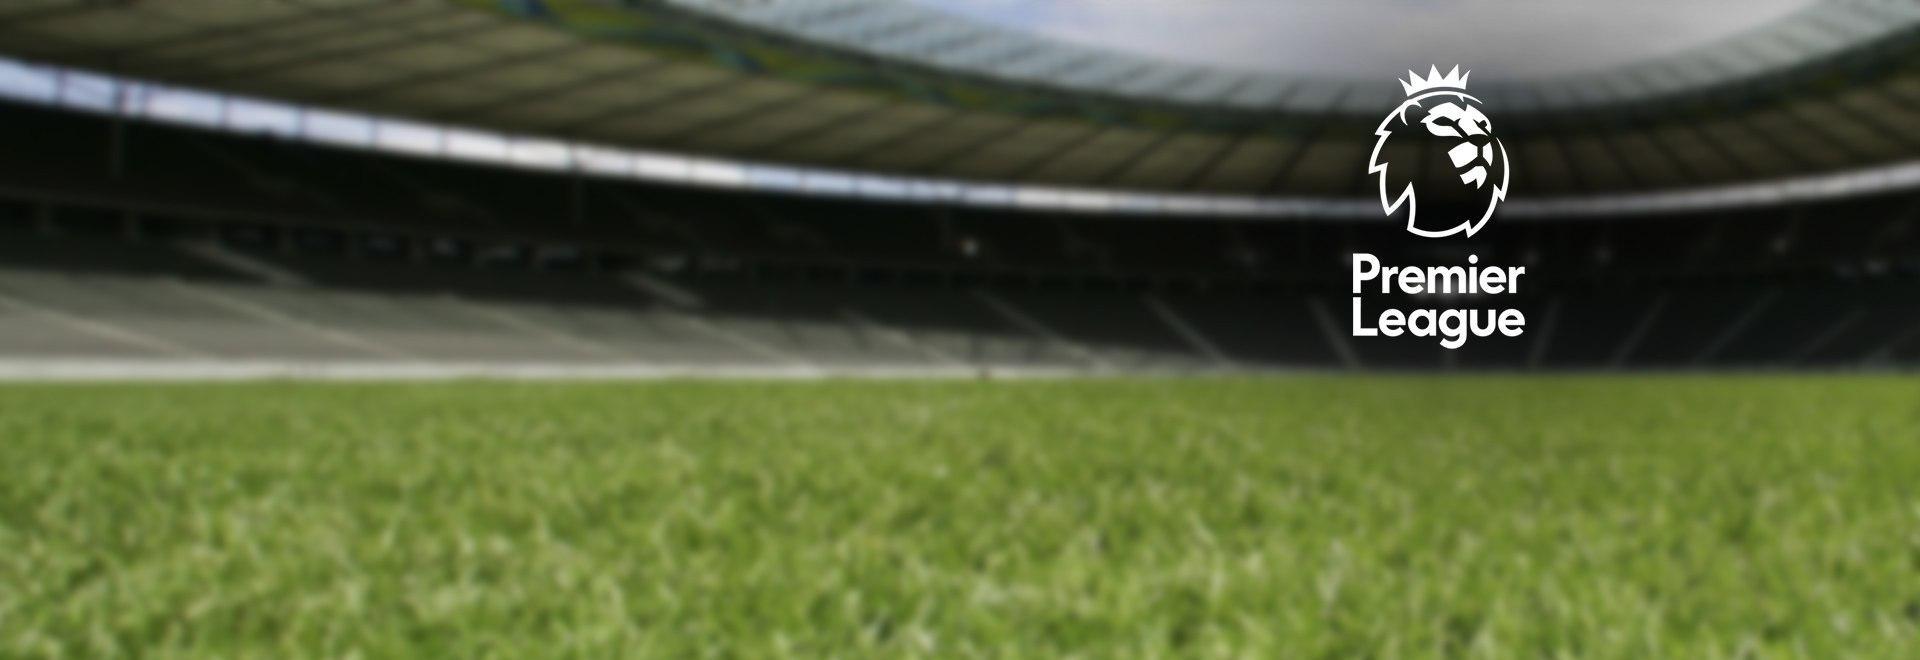 Aston Villa - Tottenham. 18a g.